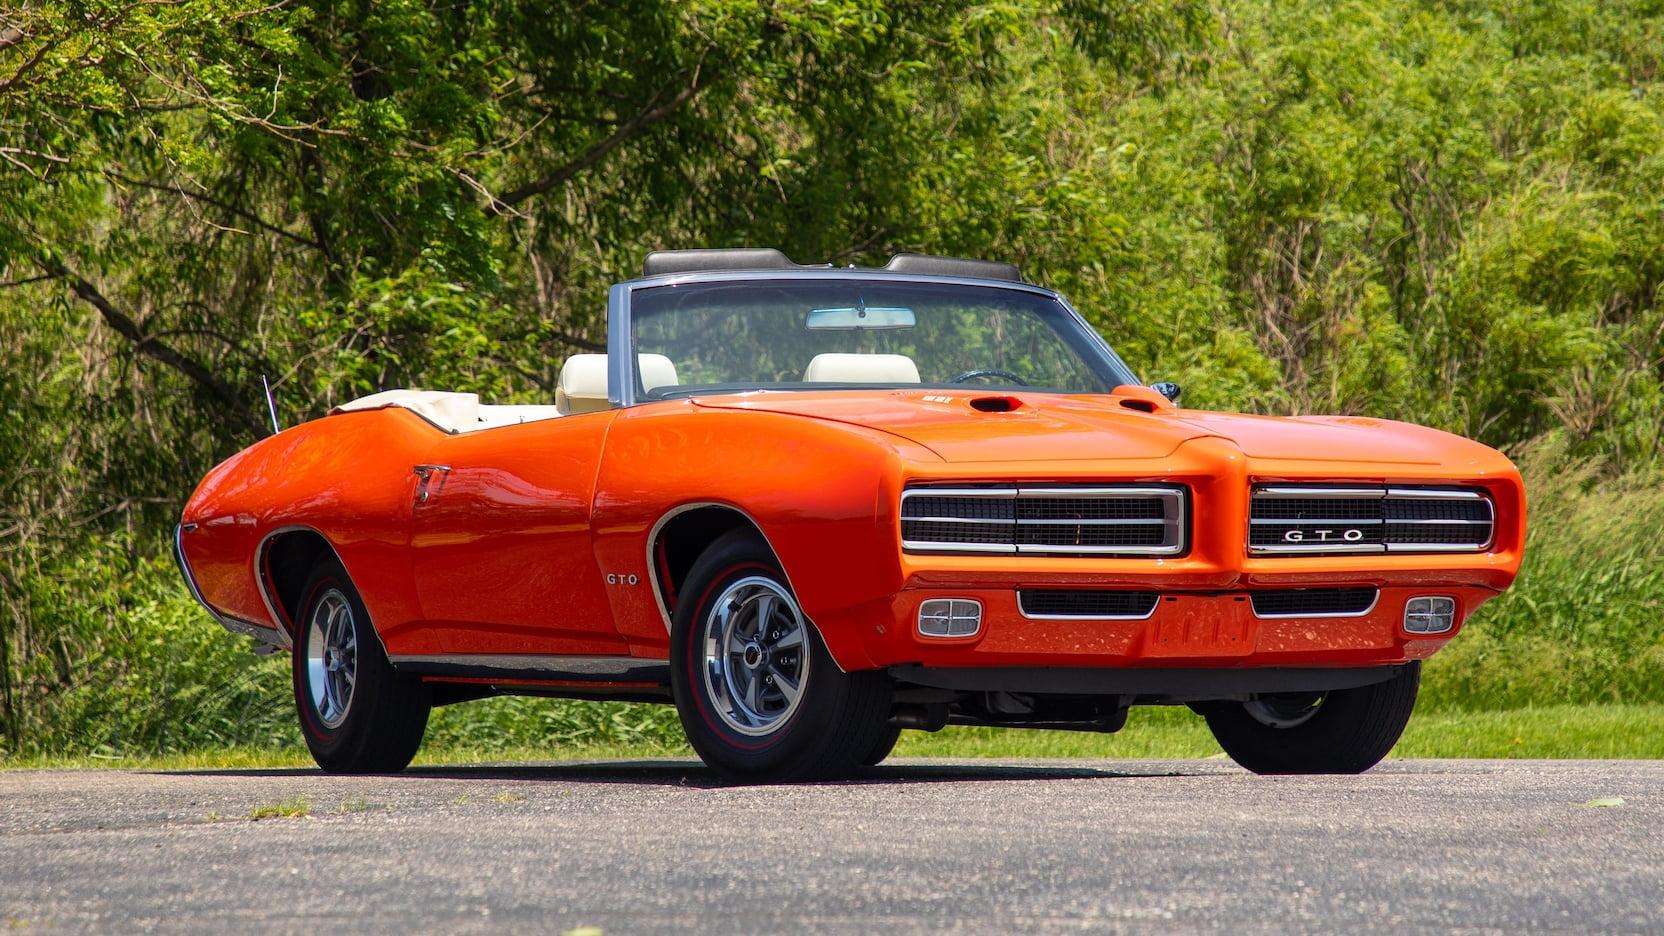 1969 Pontiac GTO Rram Air IV convertible